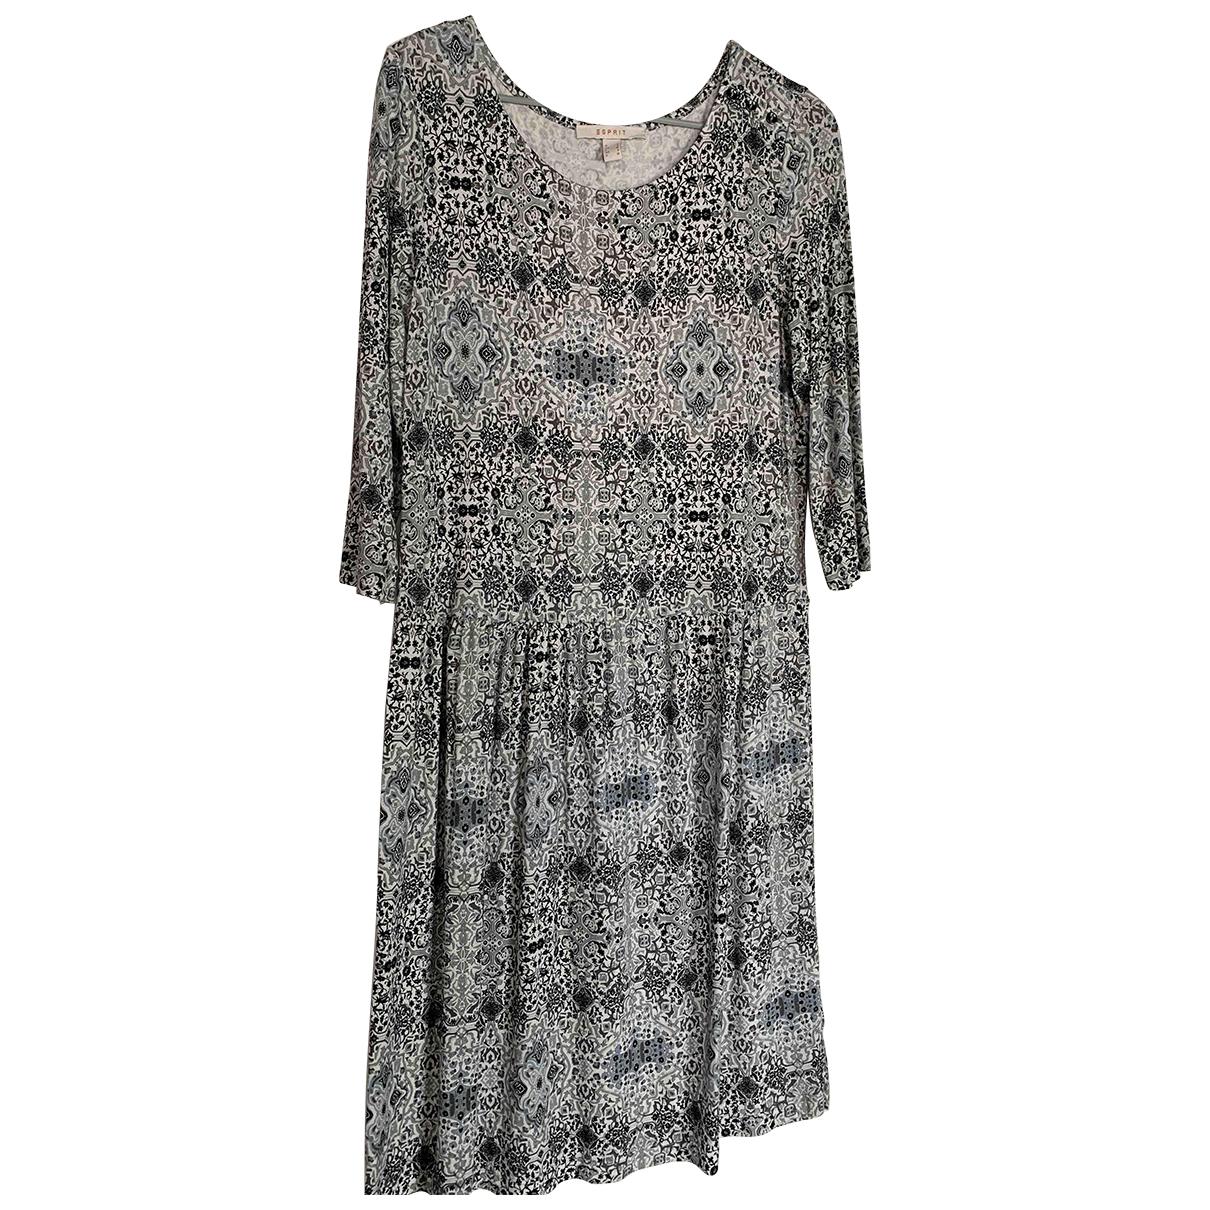 Esprit N White dress for Women 38 FR